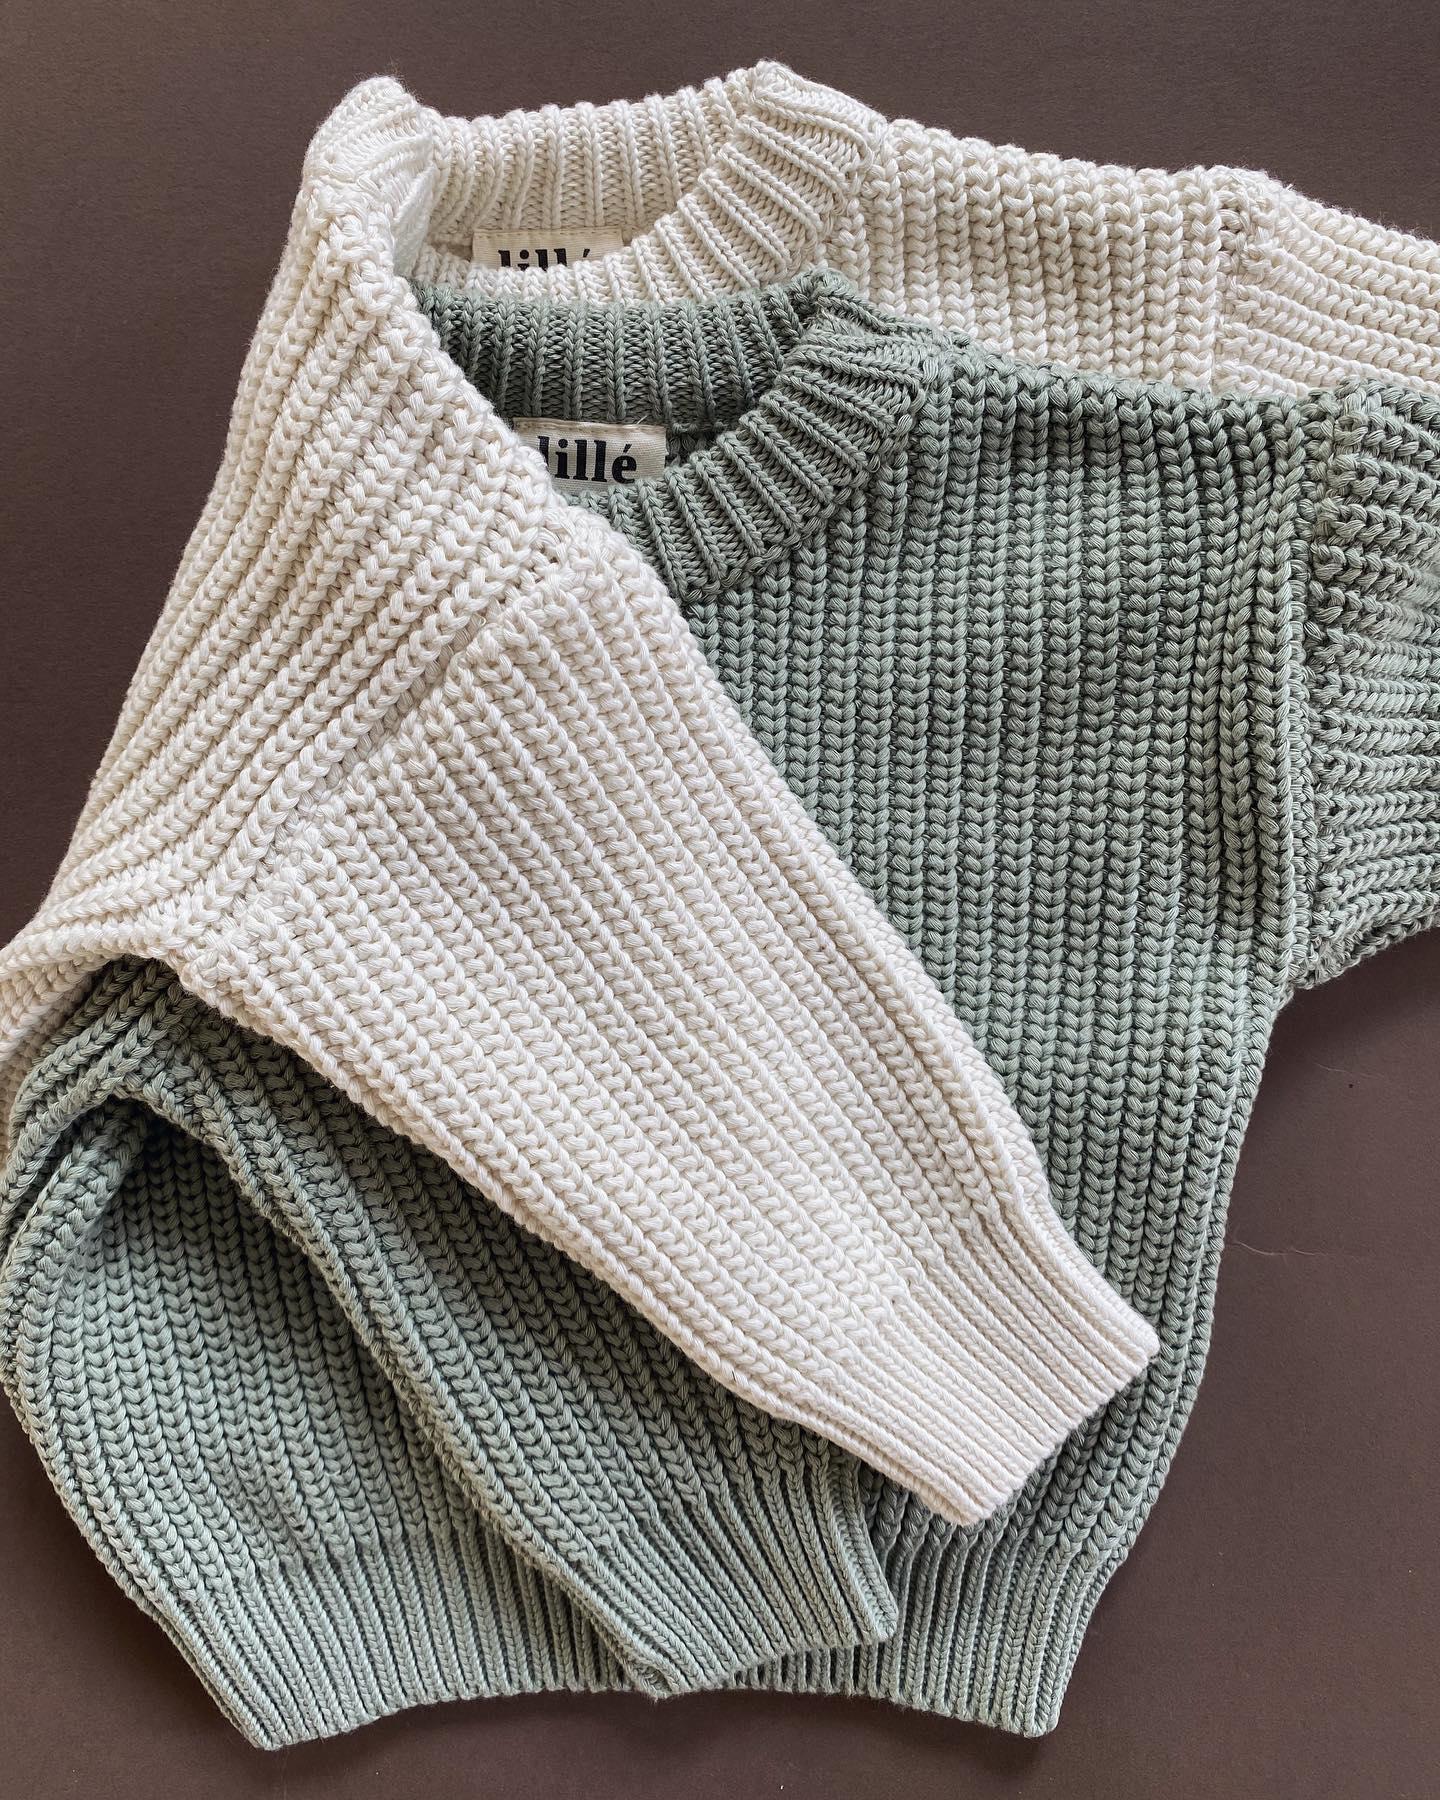 Bawełniane swetry lillé - dla ceniących wygodę i ponadczasowy styl ???? www.bebespace.pl / Szczecin, ul. Wielka Odrzańska 21 ???????? #bebespace #lillemadeformini #modadziecieca #modadamska #sweter #jesiennestylizacje #madeinpoland